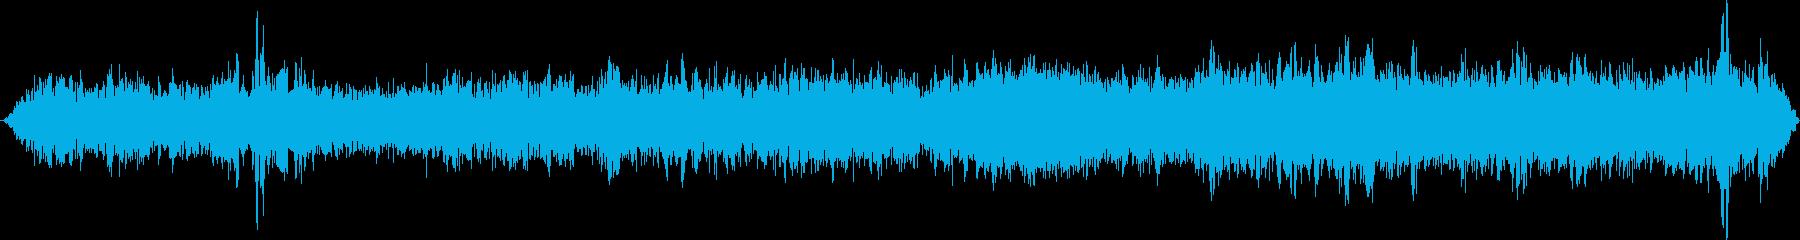 モノレール停車中の再生済みの波形